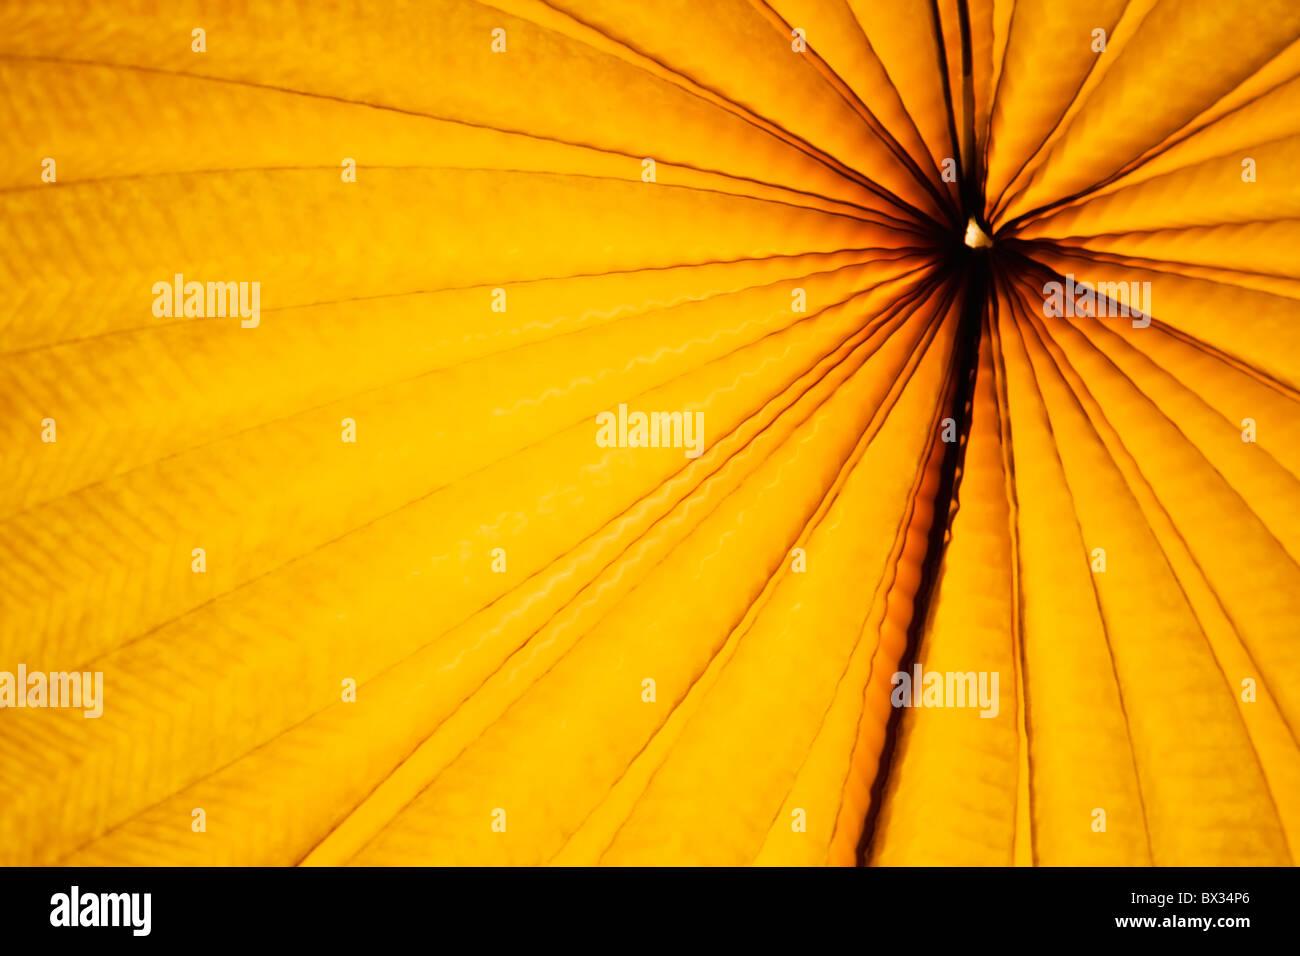 Chinesische Papier in leuchtenden orange Laternenlicht in der Nacht Stockbild